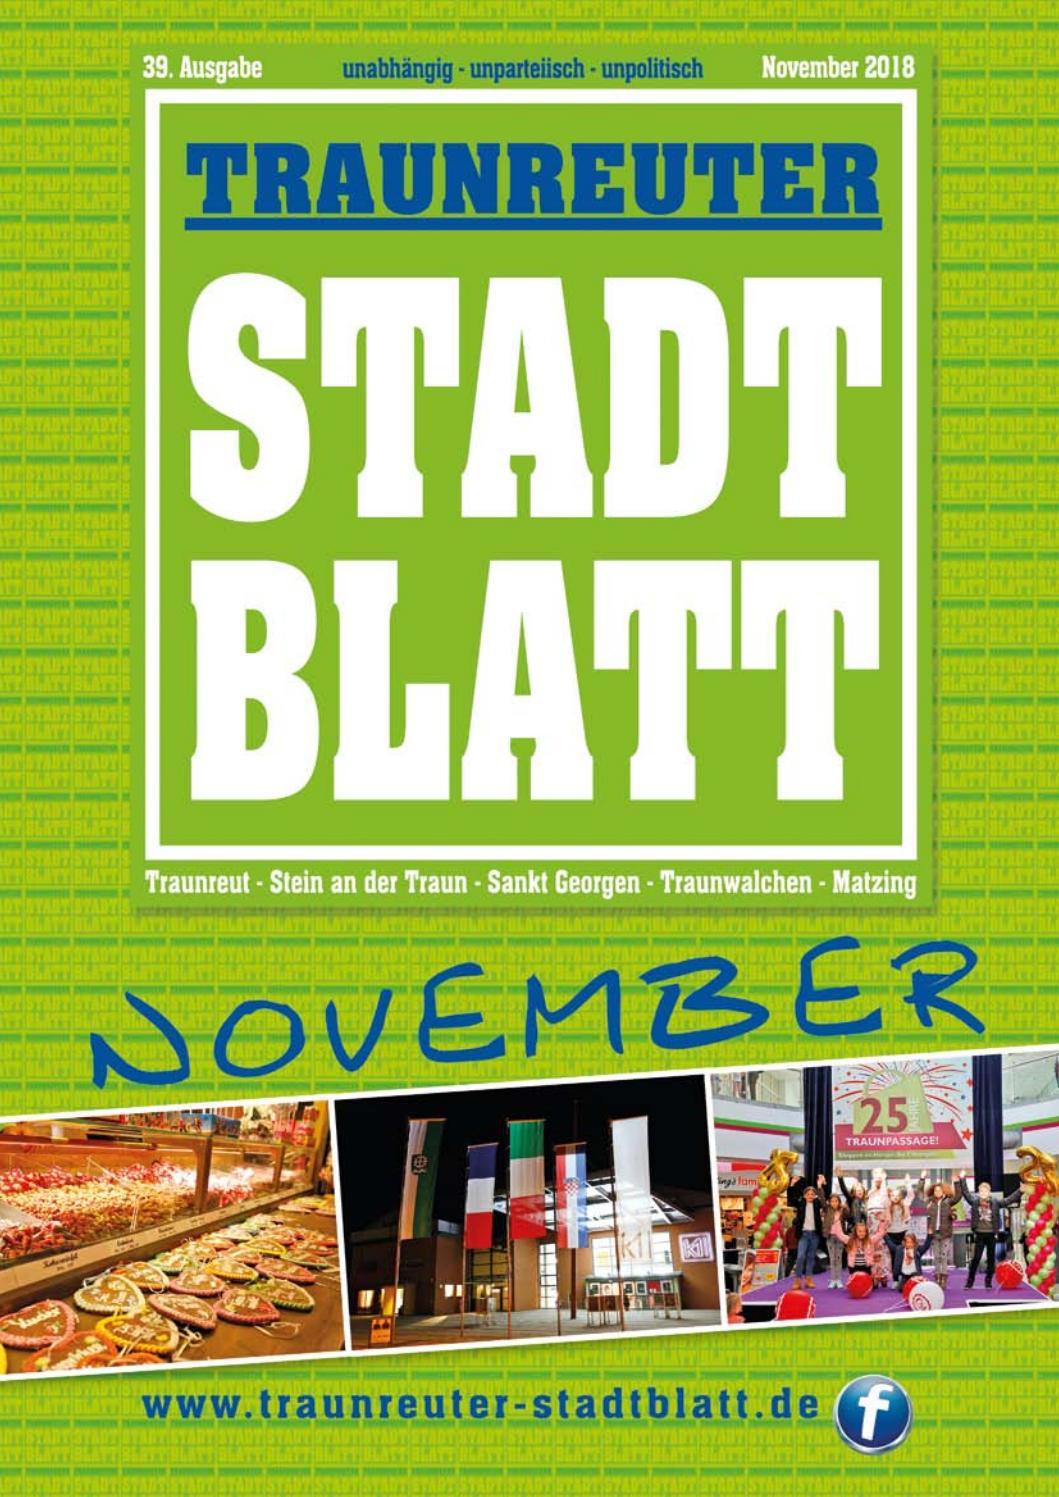 Traunreuter Stadtblatt November 2018 By Traunreuter